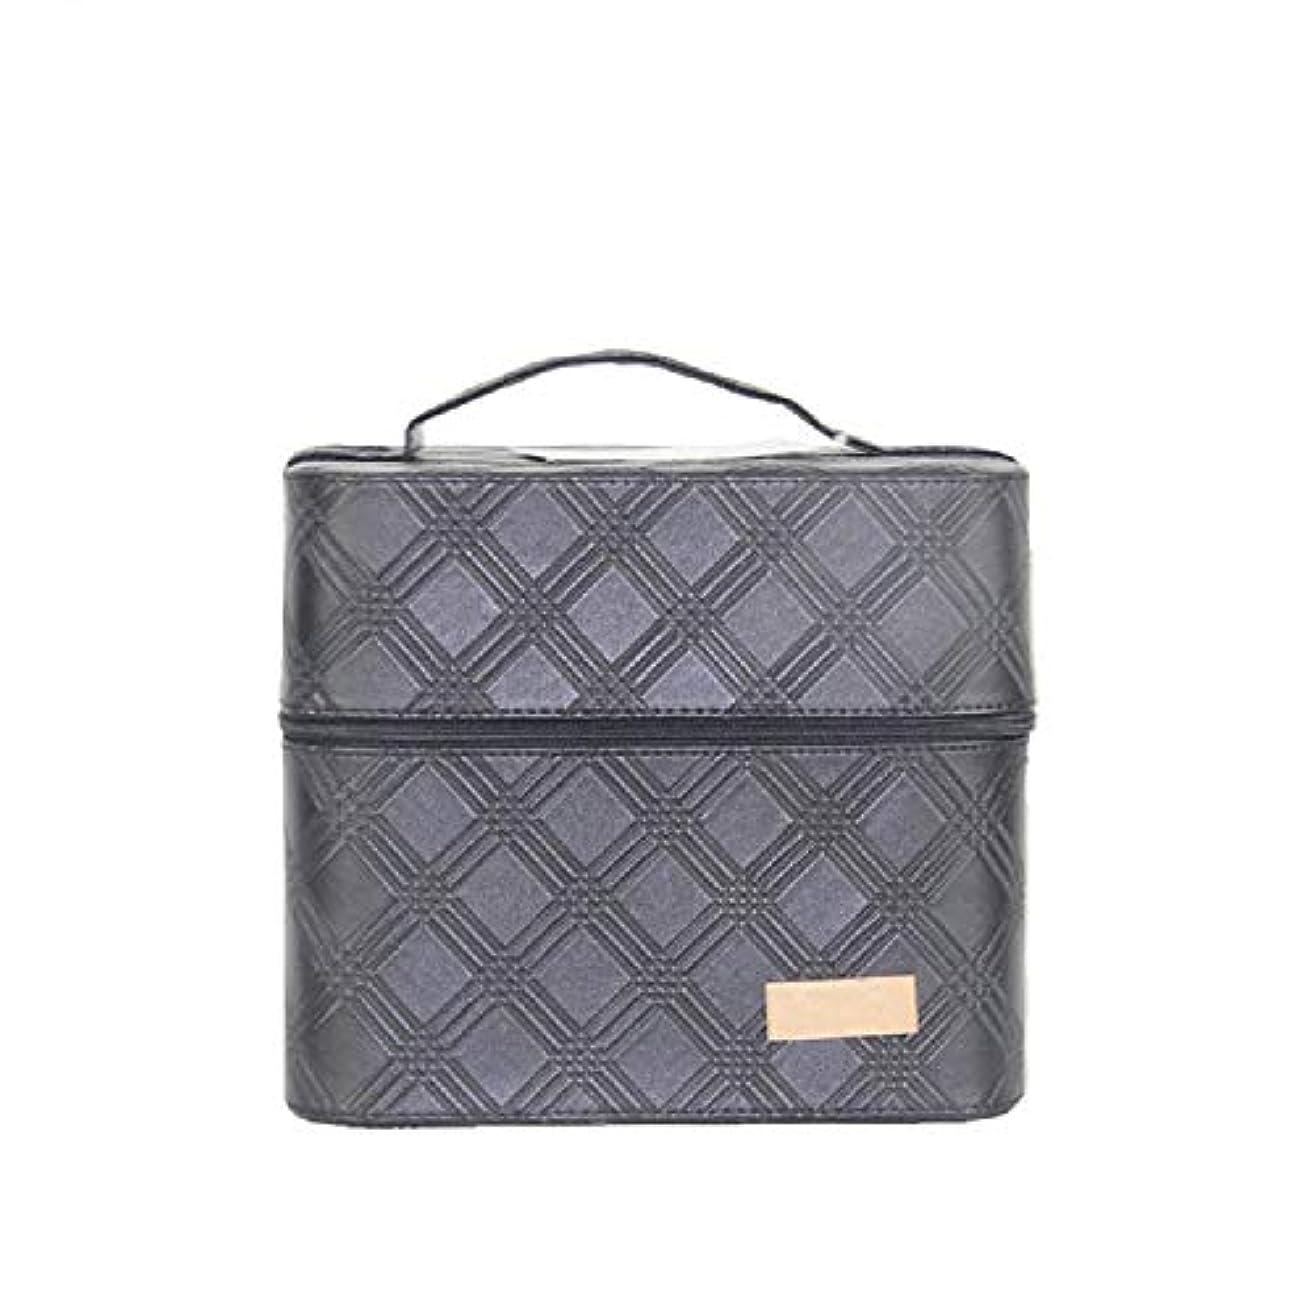 シネウィ責任パキスタン化粧オーガナイザーバッグ ジッパーと2つのトレイで小さなものの種類の旅行のための美容メイクアップのための黒のポータブル化粧品バッグ 化粧品ケース